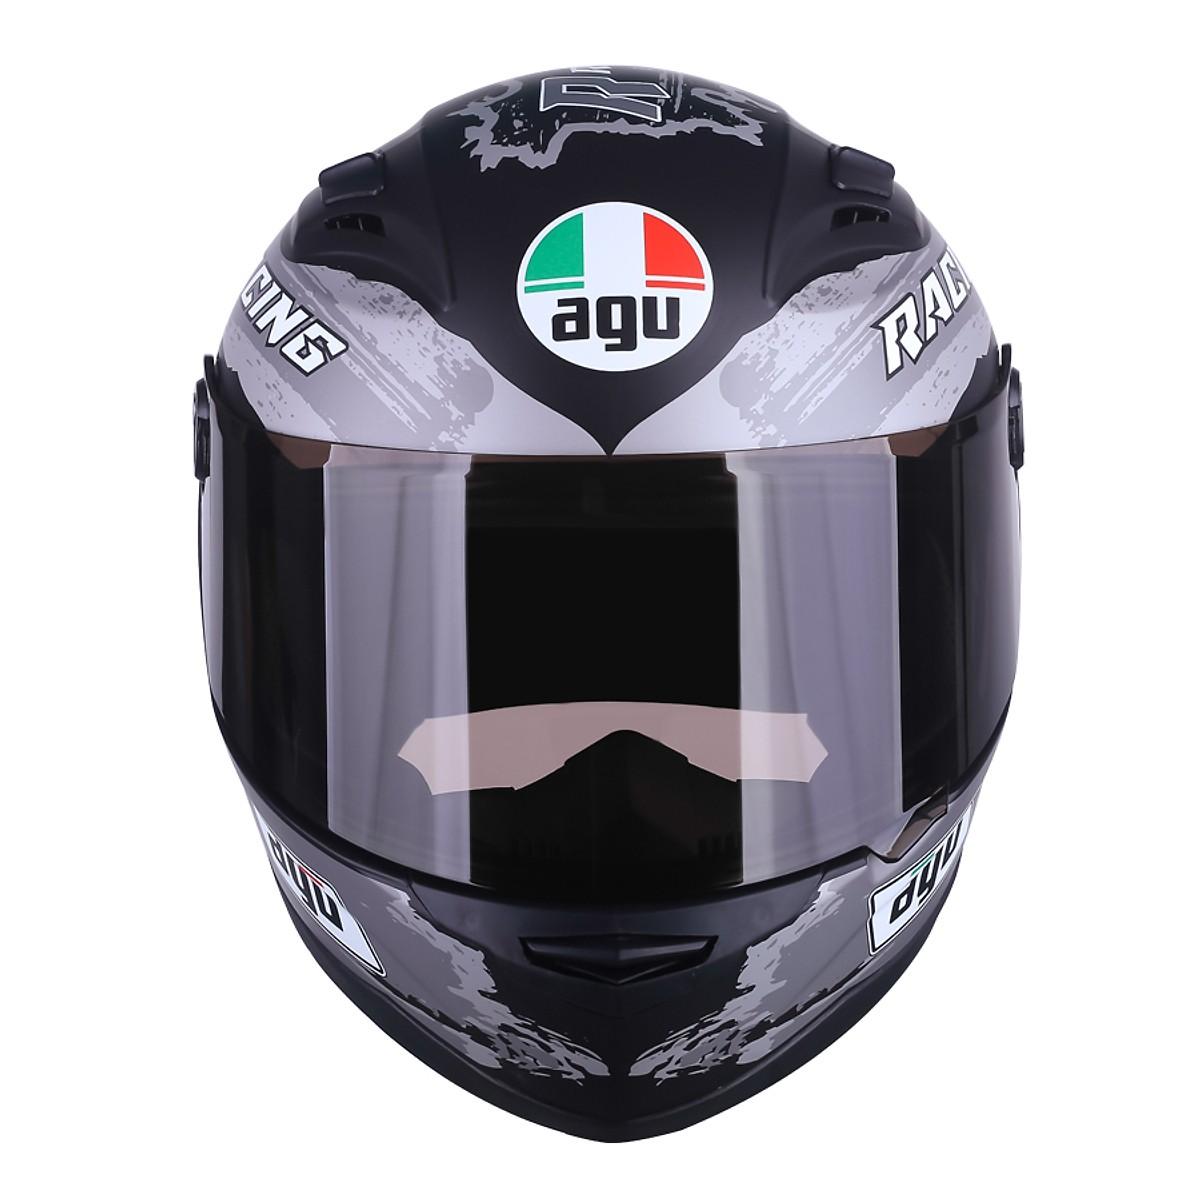 Nón bảo hiểm Fullface Racing 15 + Tặng kèm túi đựng nón thương hiệu